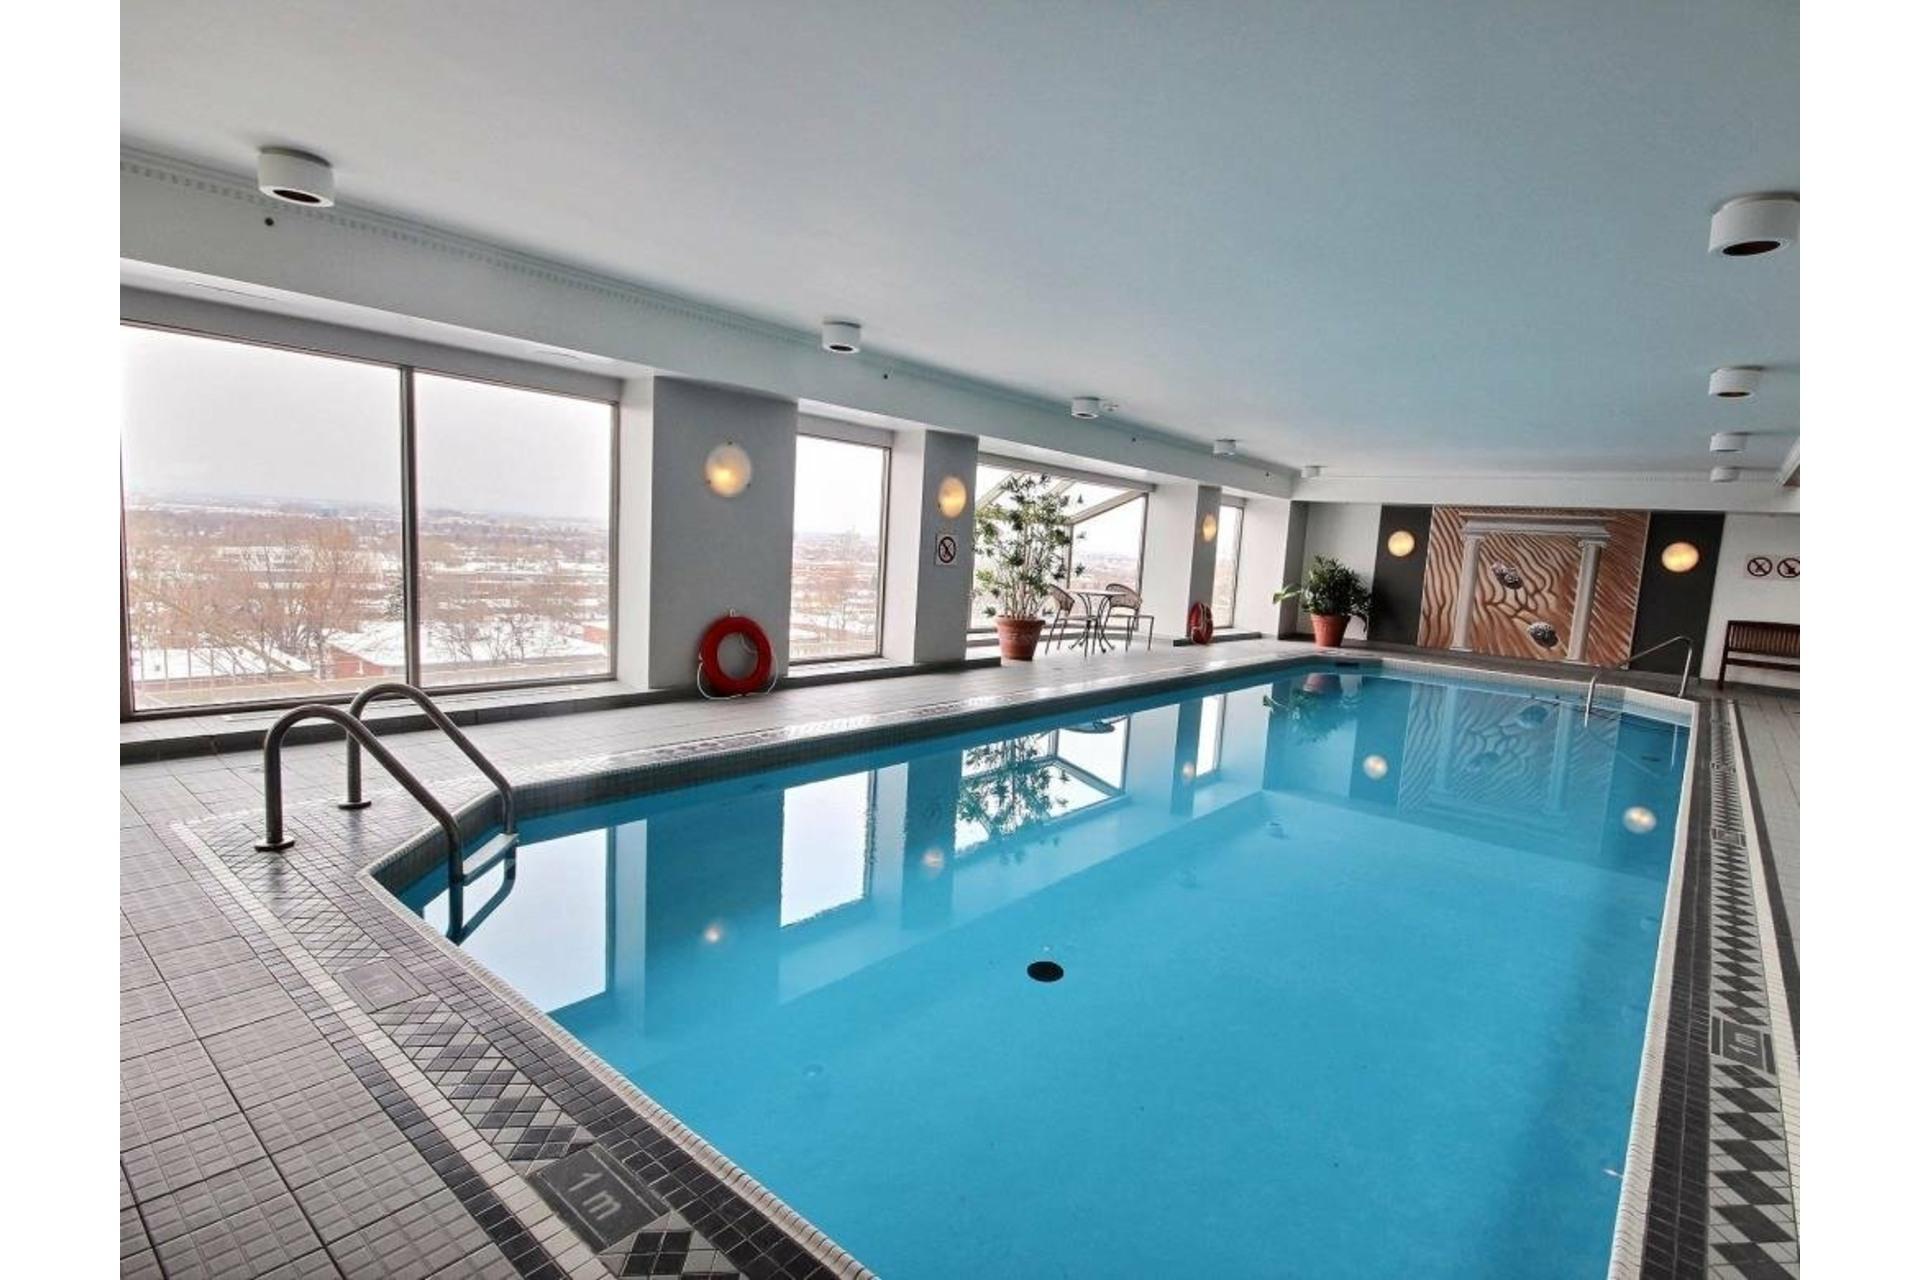 image 39 - Apartment For rent Côte-des-Neiges/Notre-Dame-de-Grâce Montréal  - 5 rooms